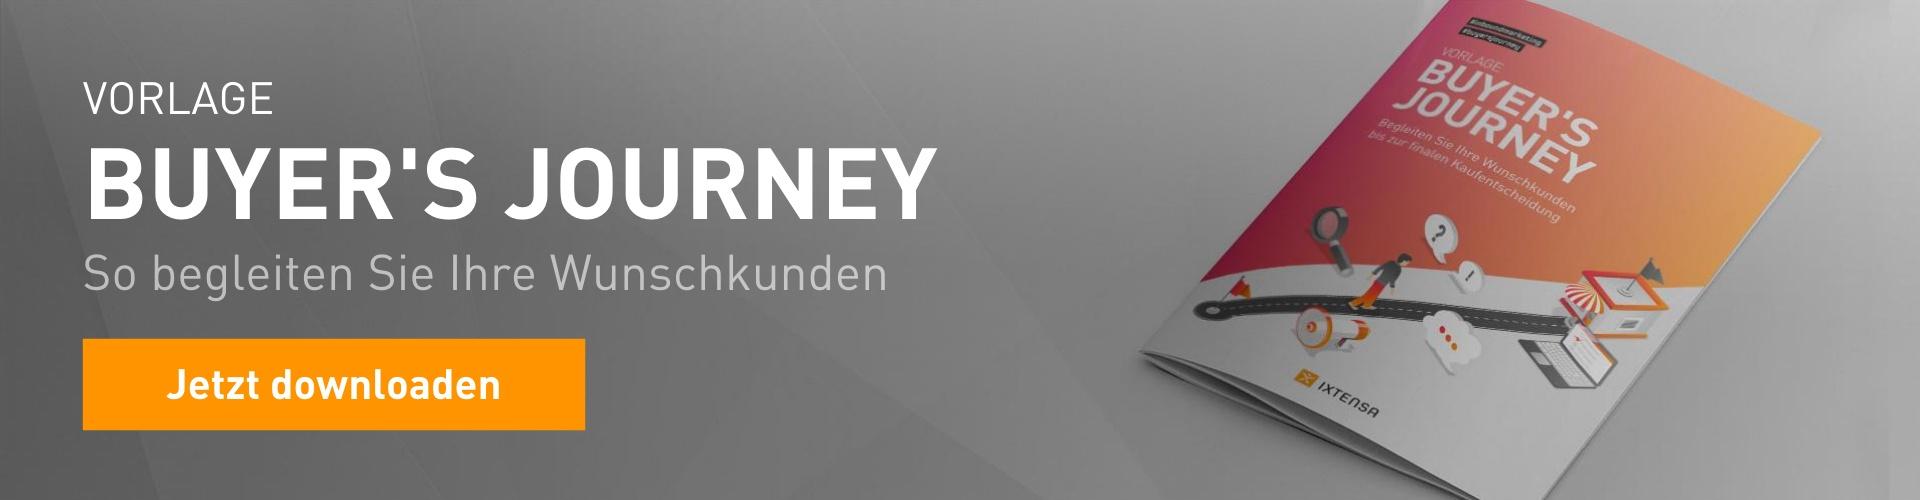 cta_buyers_journey_desktop